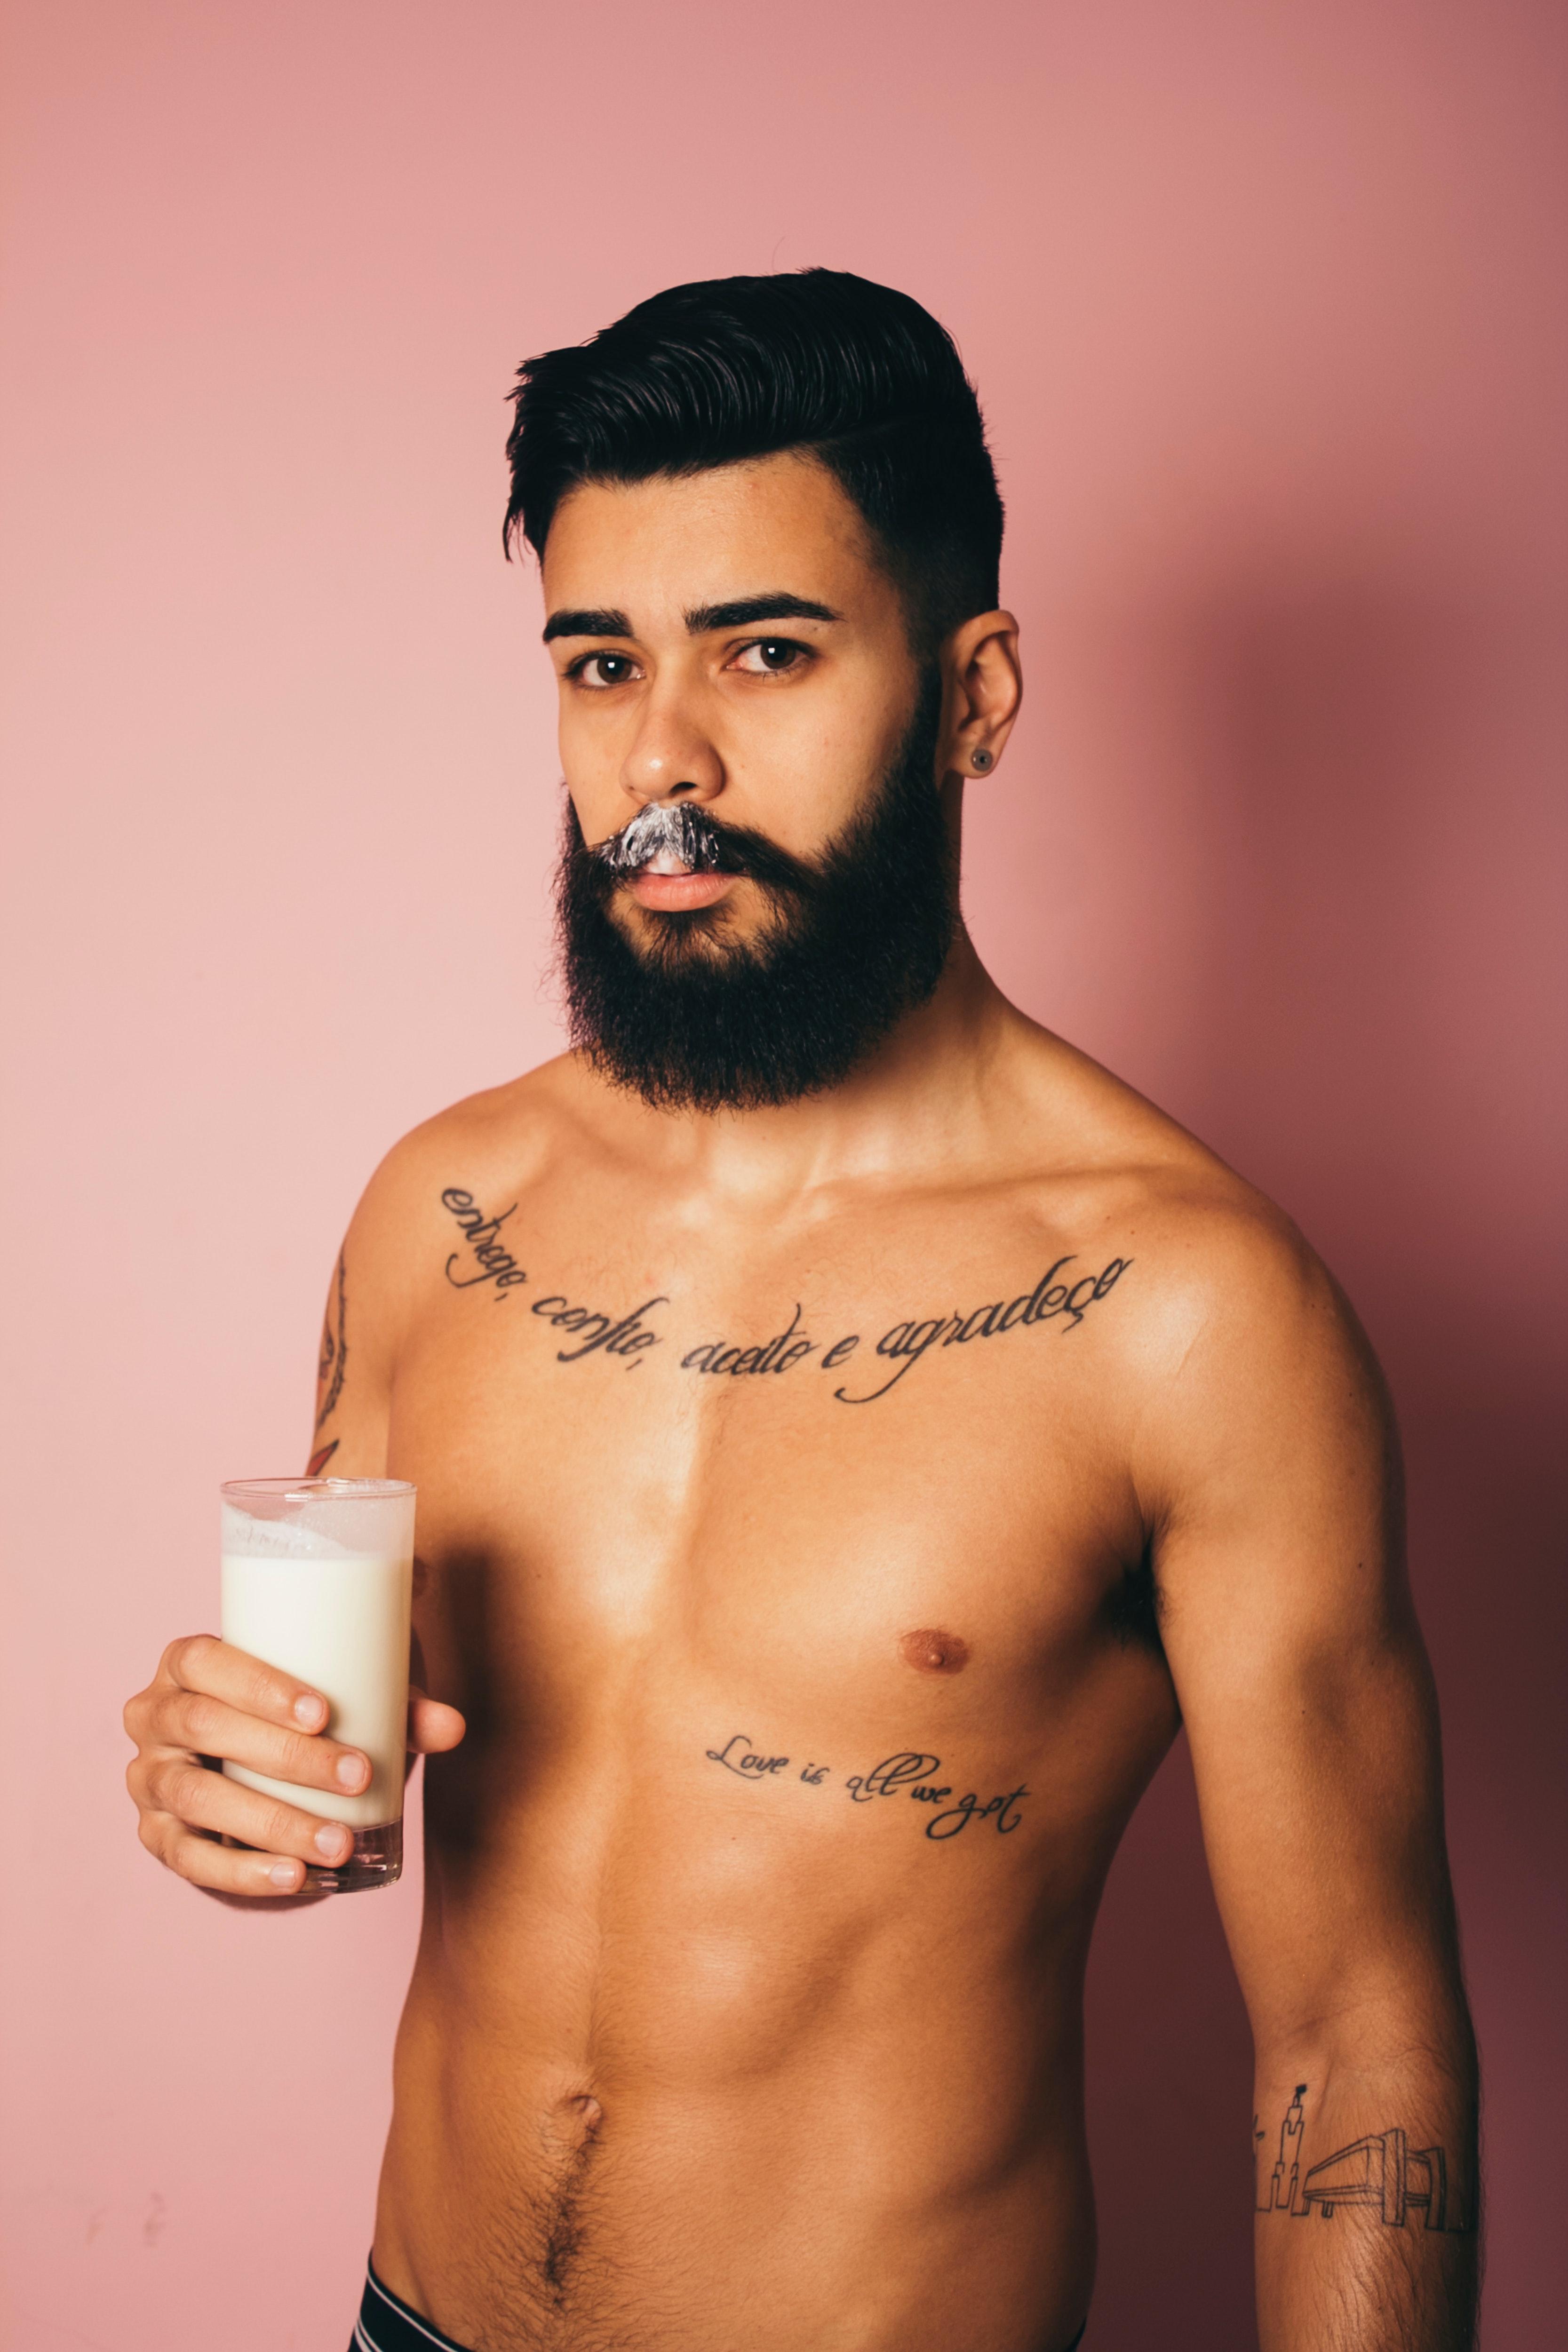 szexi képek meztelen bbw leszbikusok olló